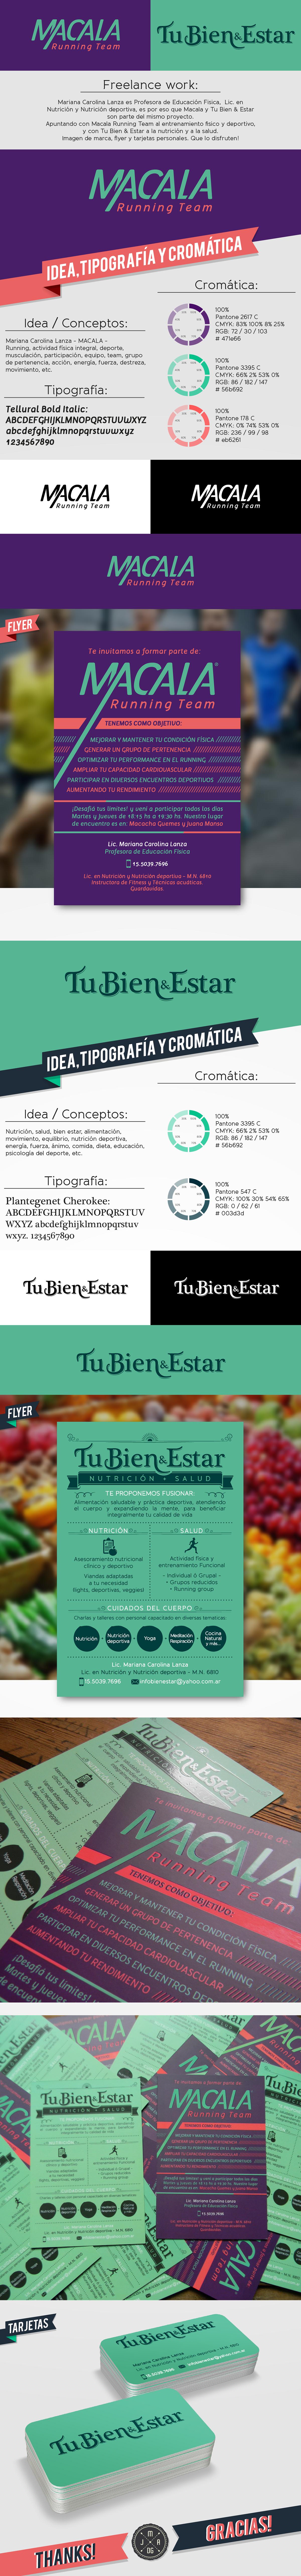 flyer run running salud Health logos marca Tarjetas